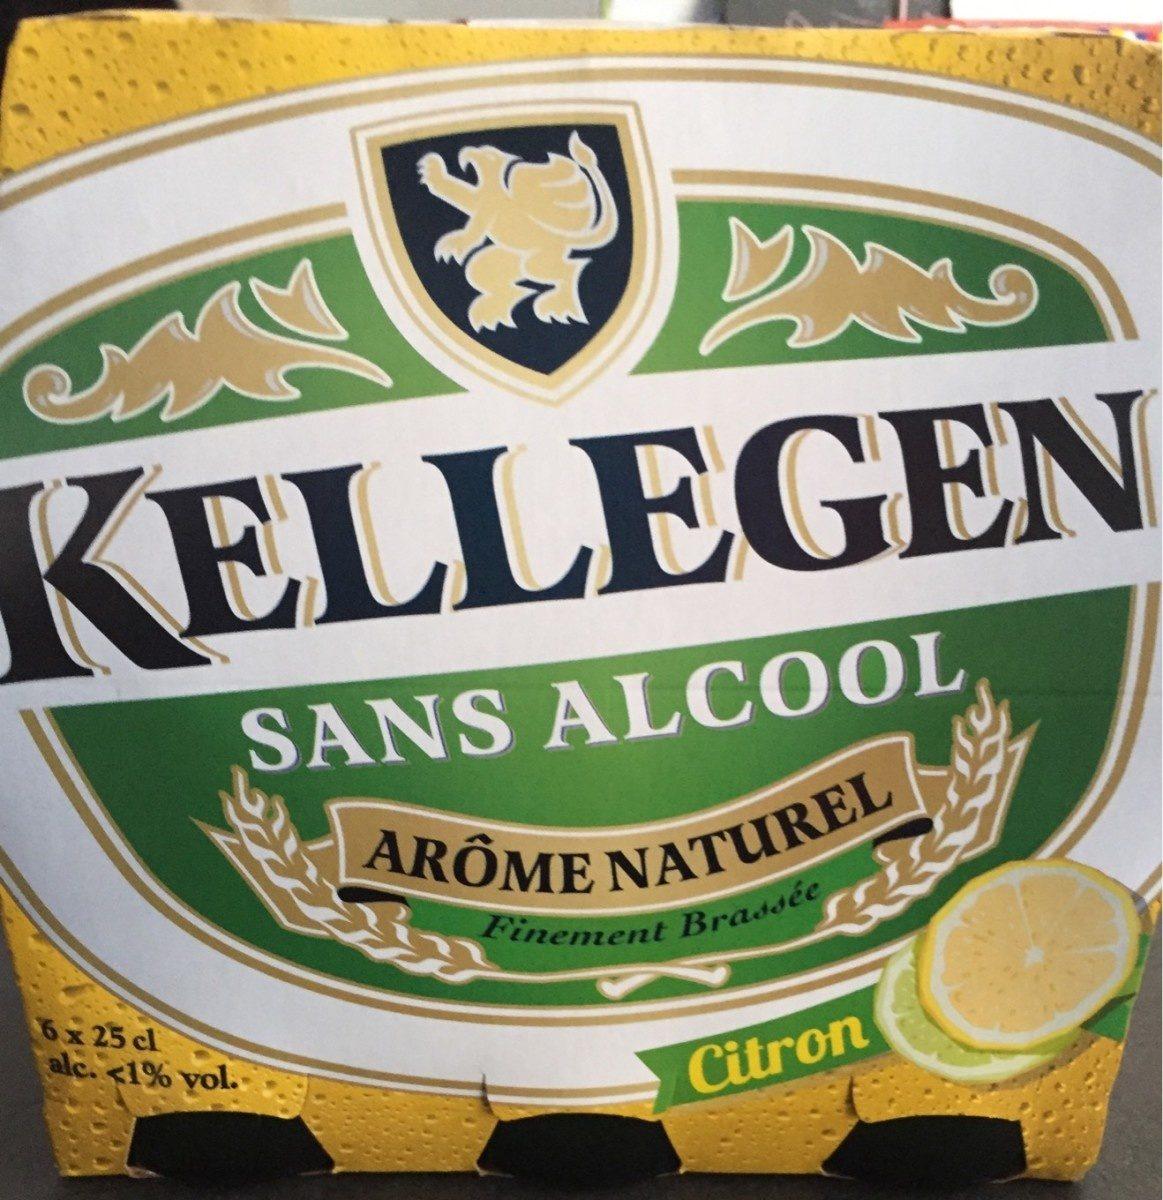 Bière Kellegen sans alcool aromatisée citron - 6x25cl - Product - fr